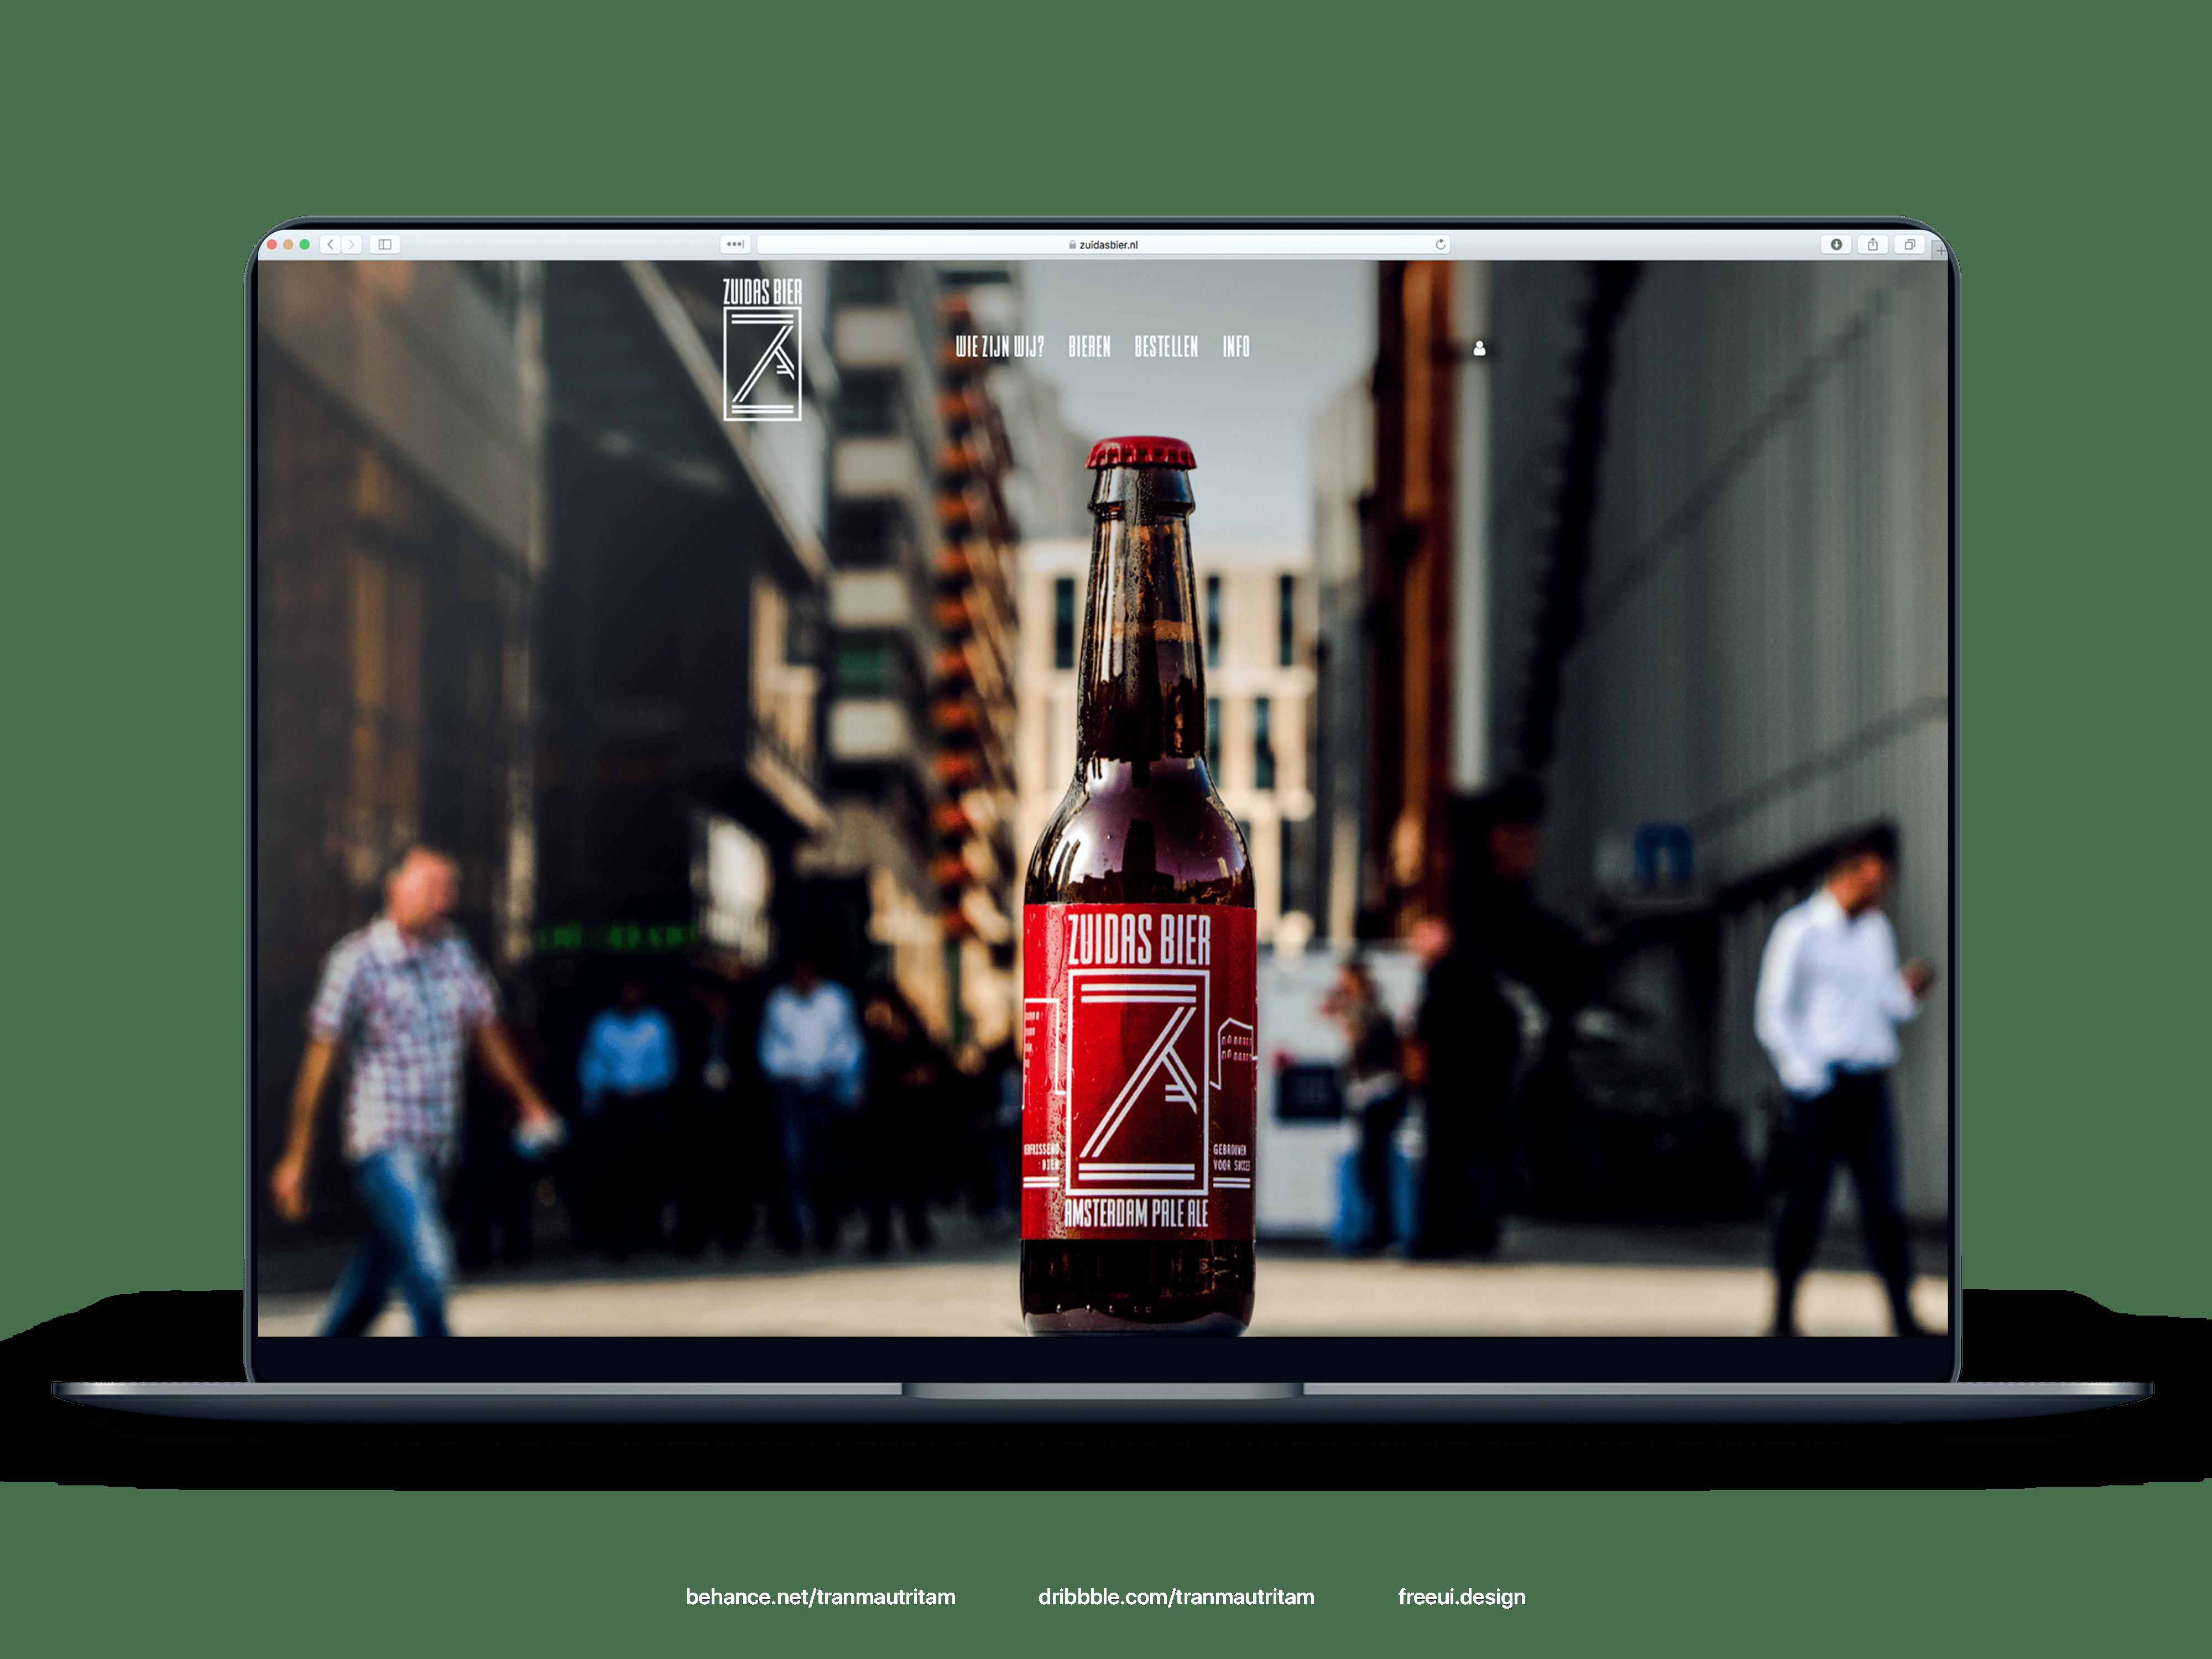 zuidasbier-website-mockup-min